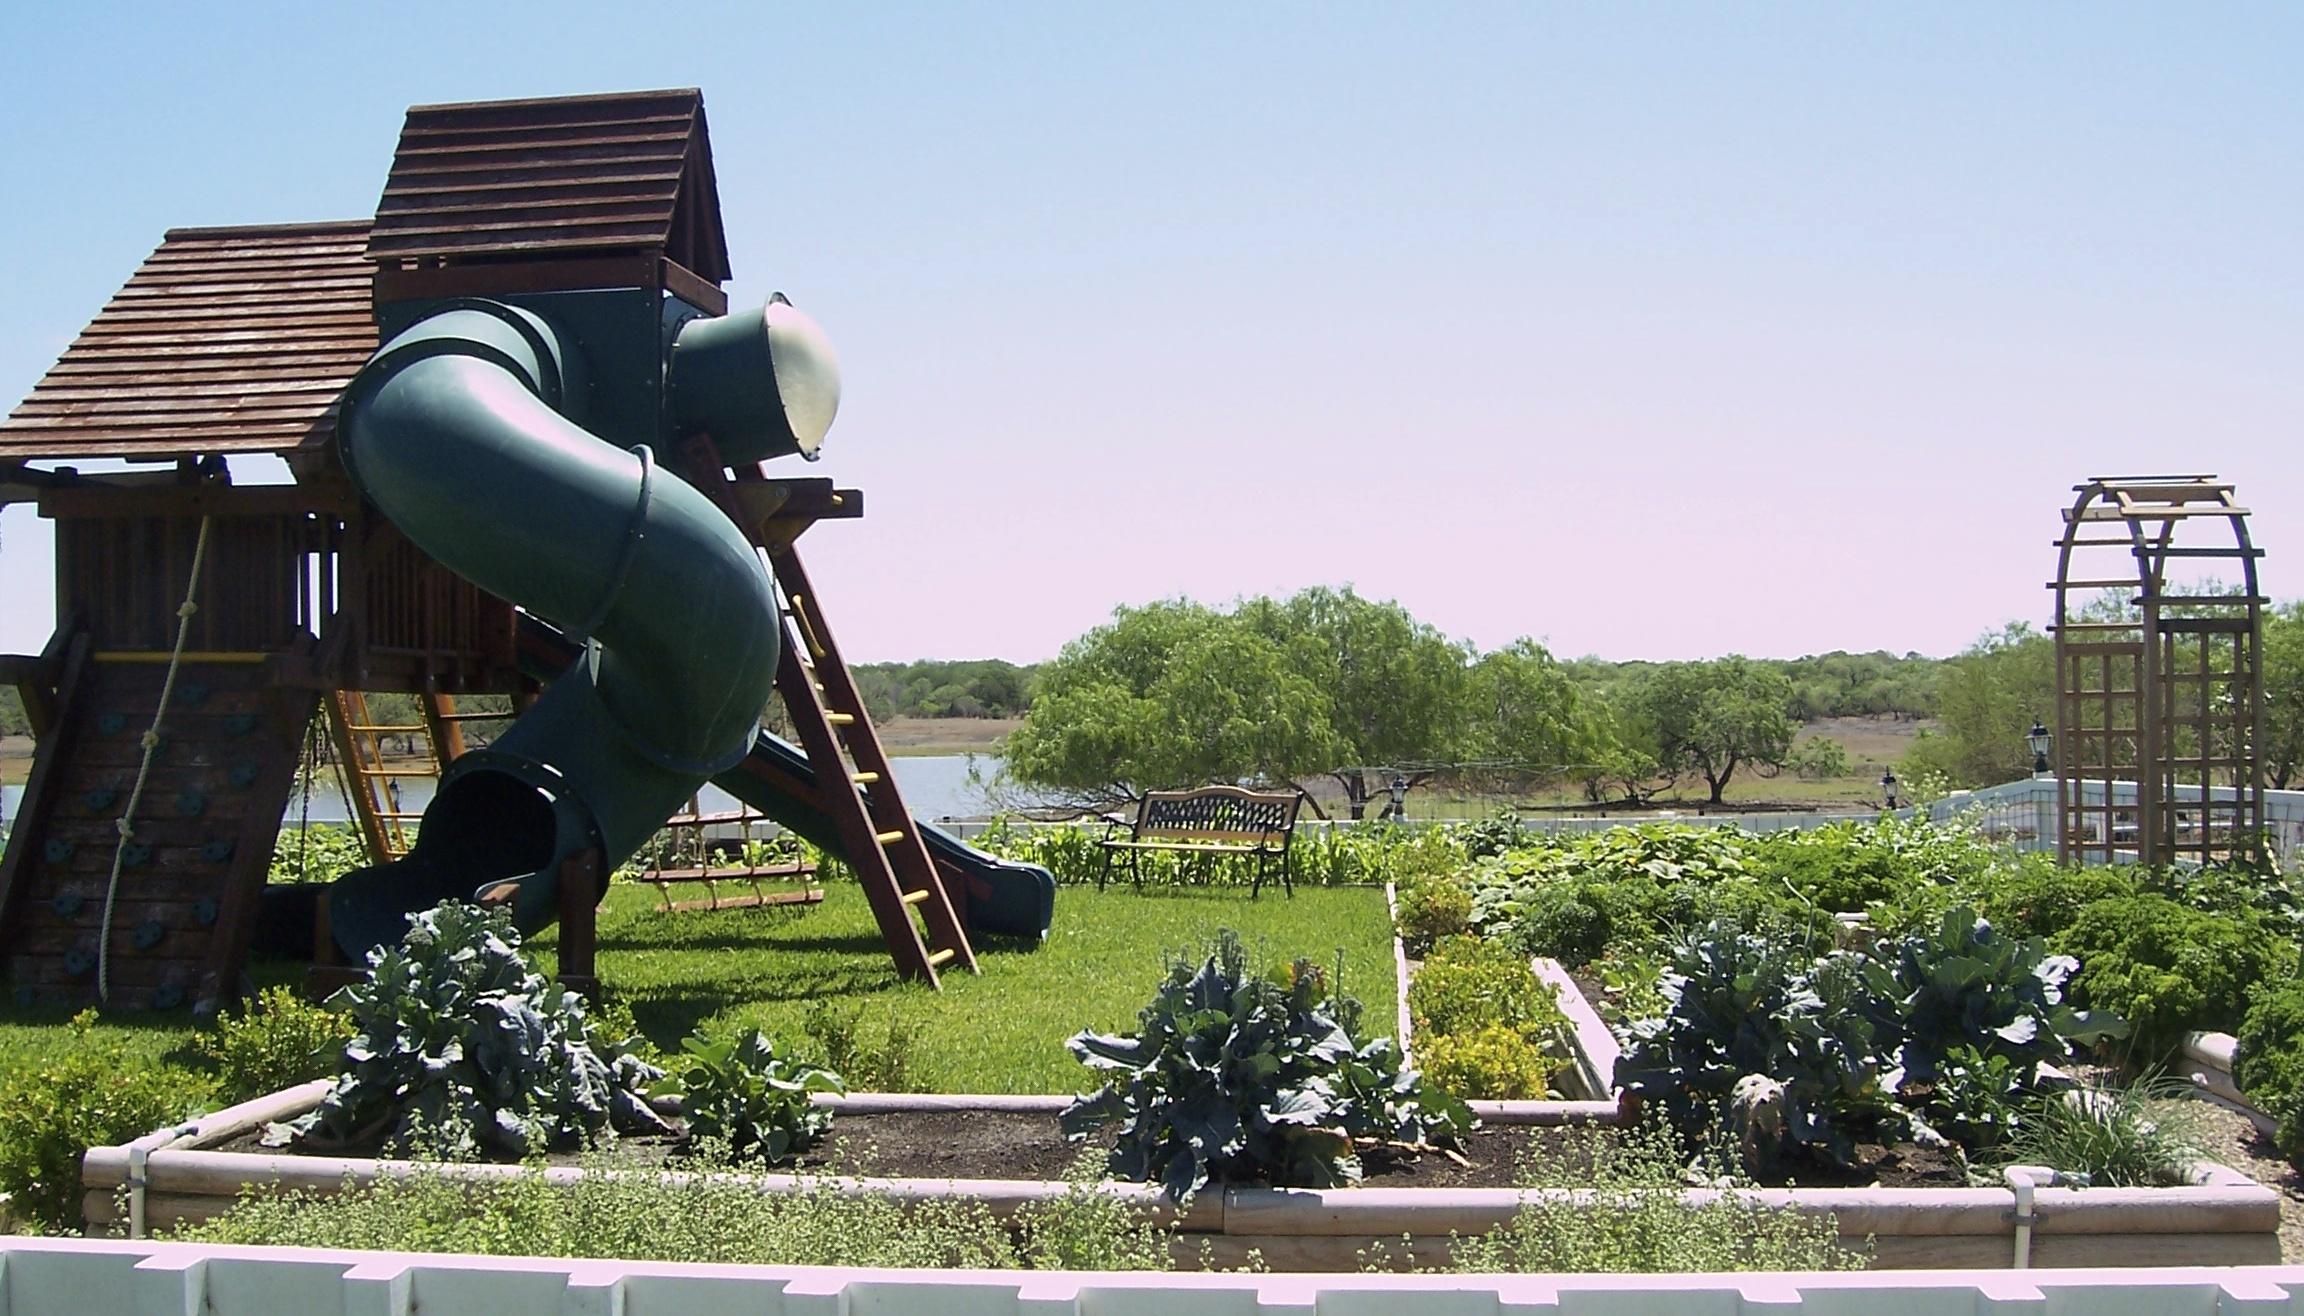 playground and garden